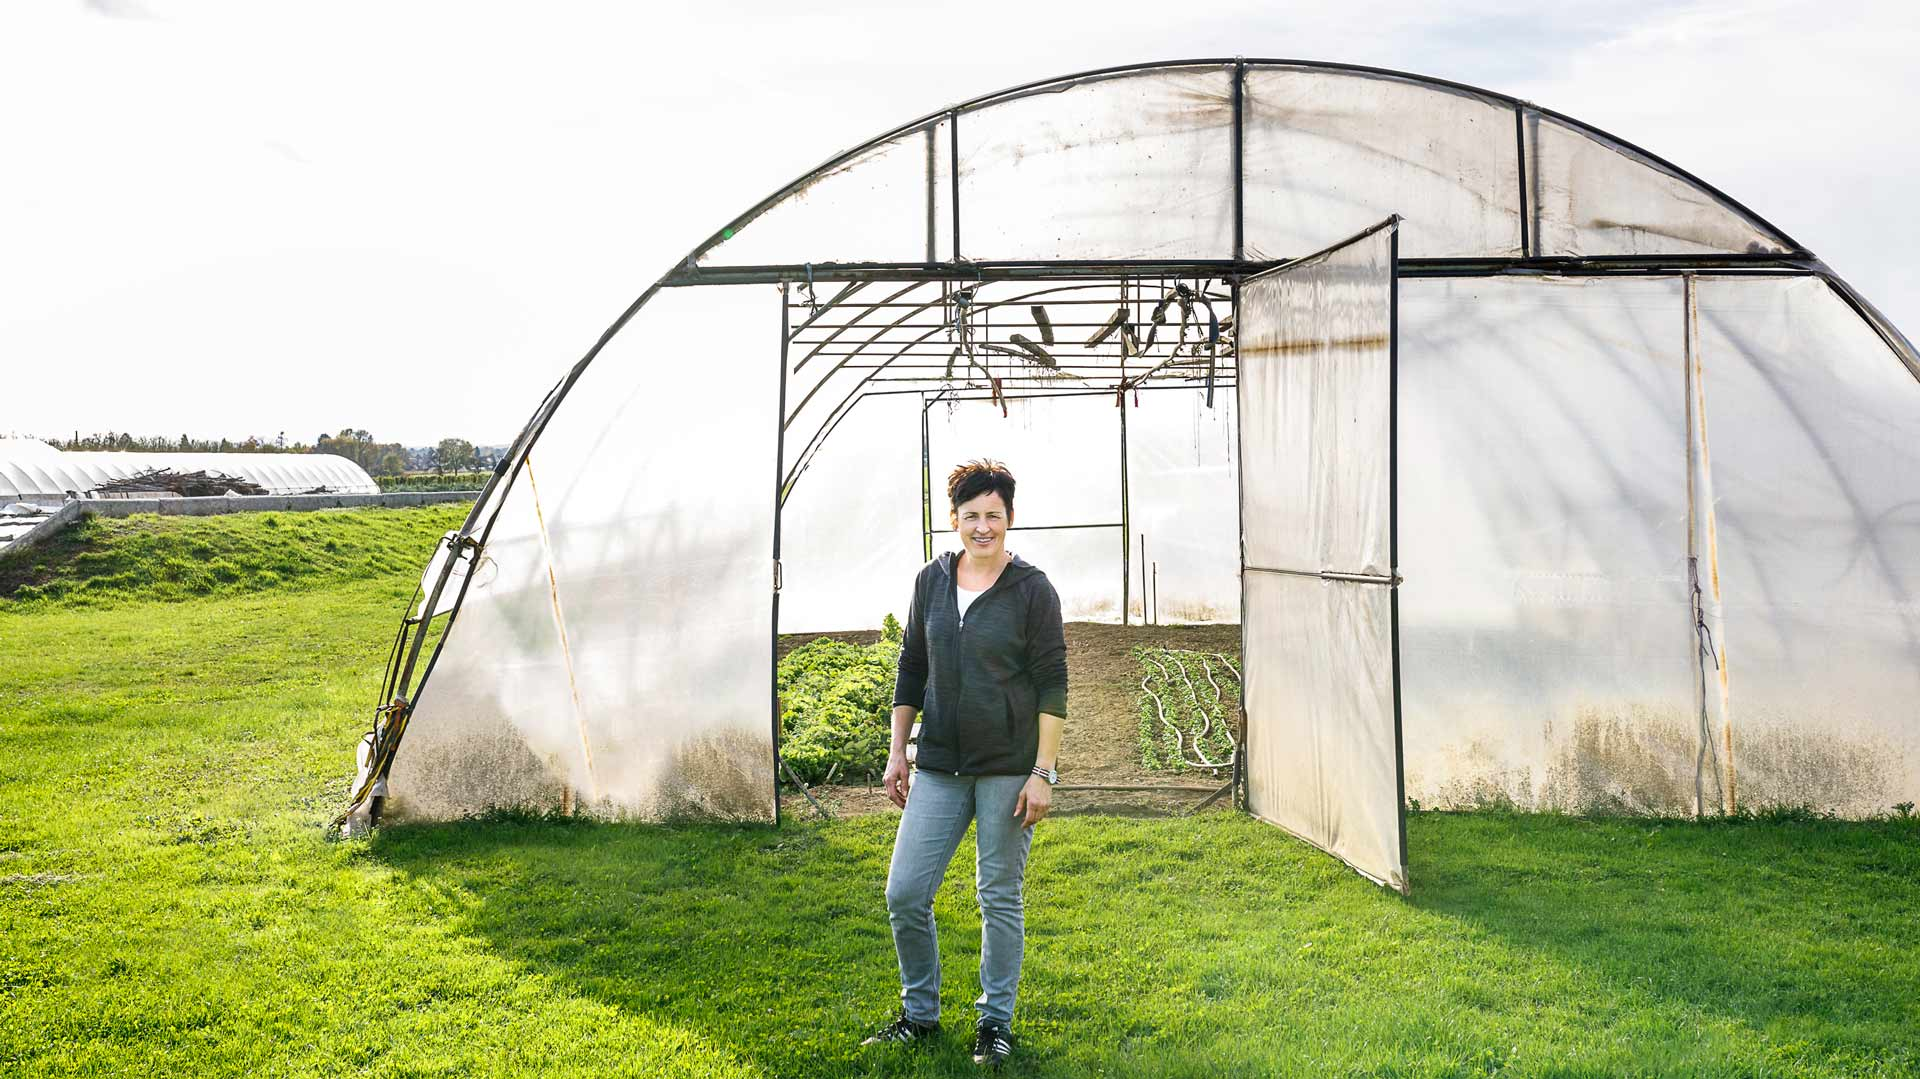 Brigitte Riedl, überzeugte Energieeffizienz-Bäuerin. Foto: Stiefkind-Fotografie